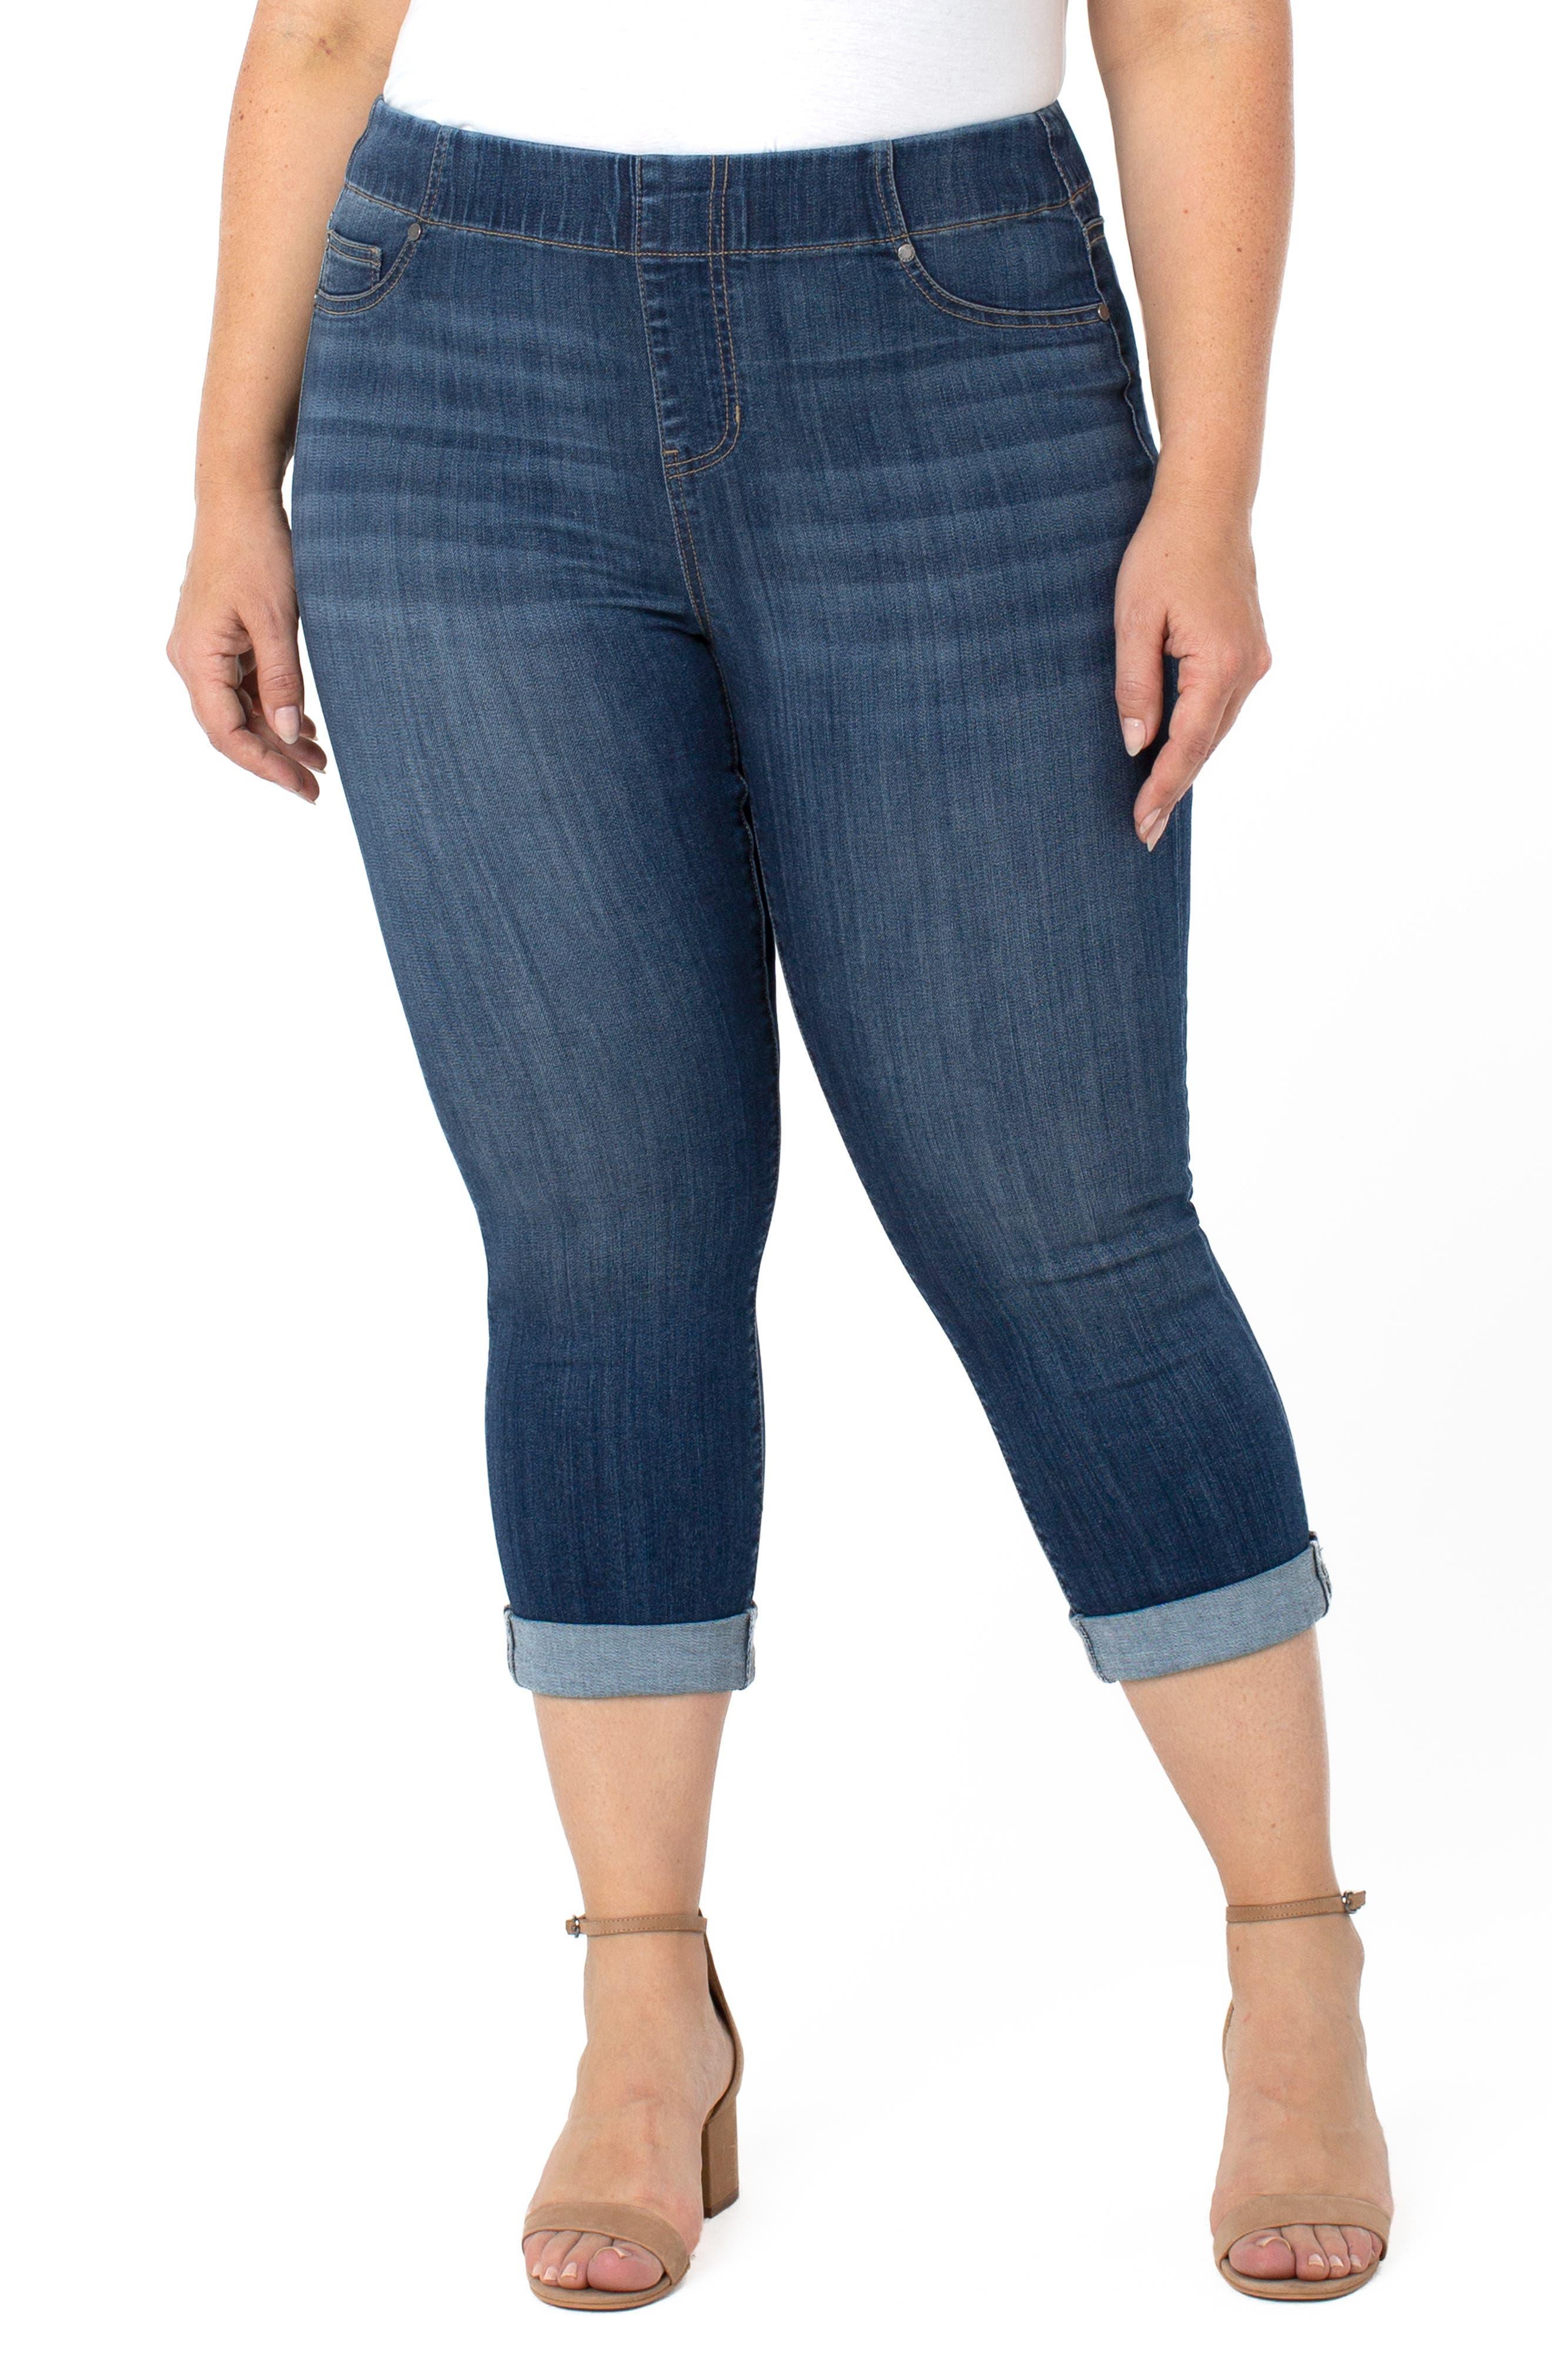 Chloe Pull-On High Waist Roll Cuff Crop Skinny Jeans